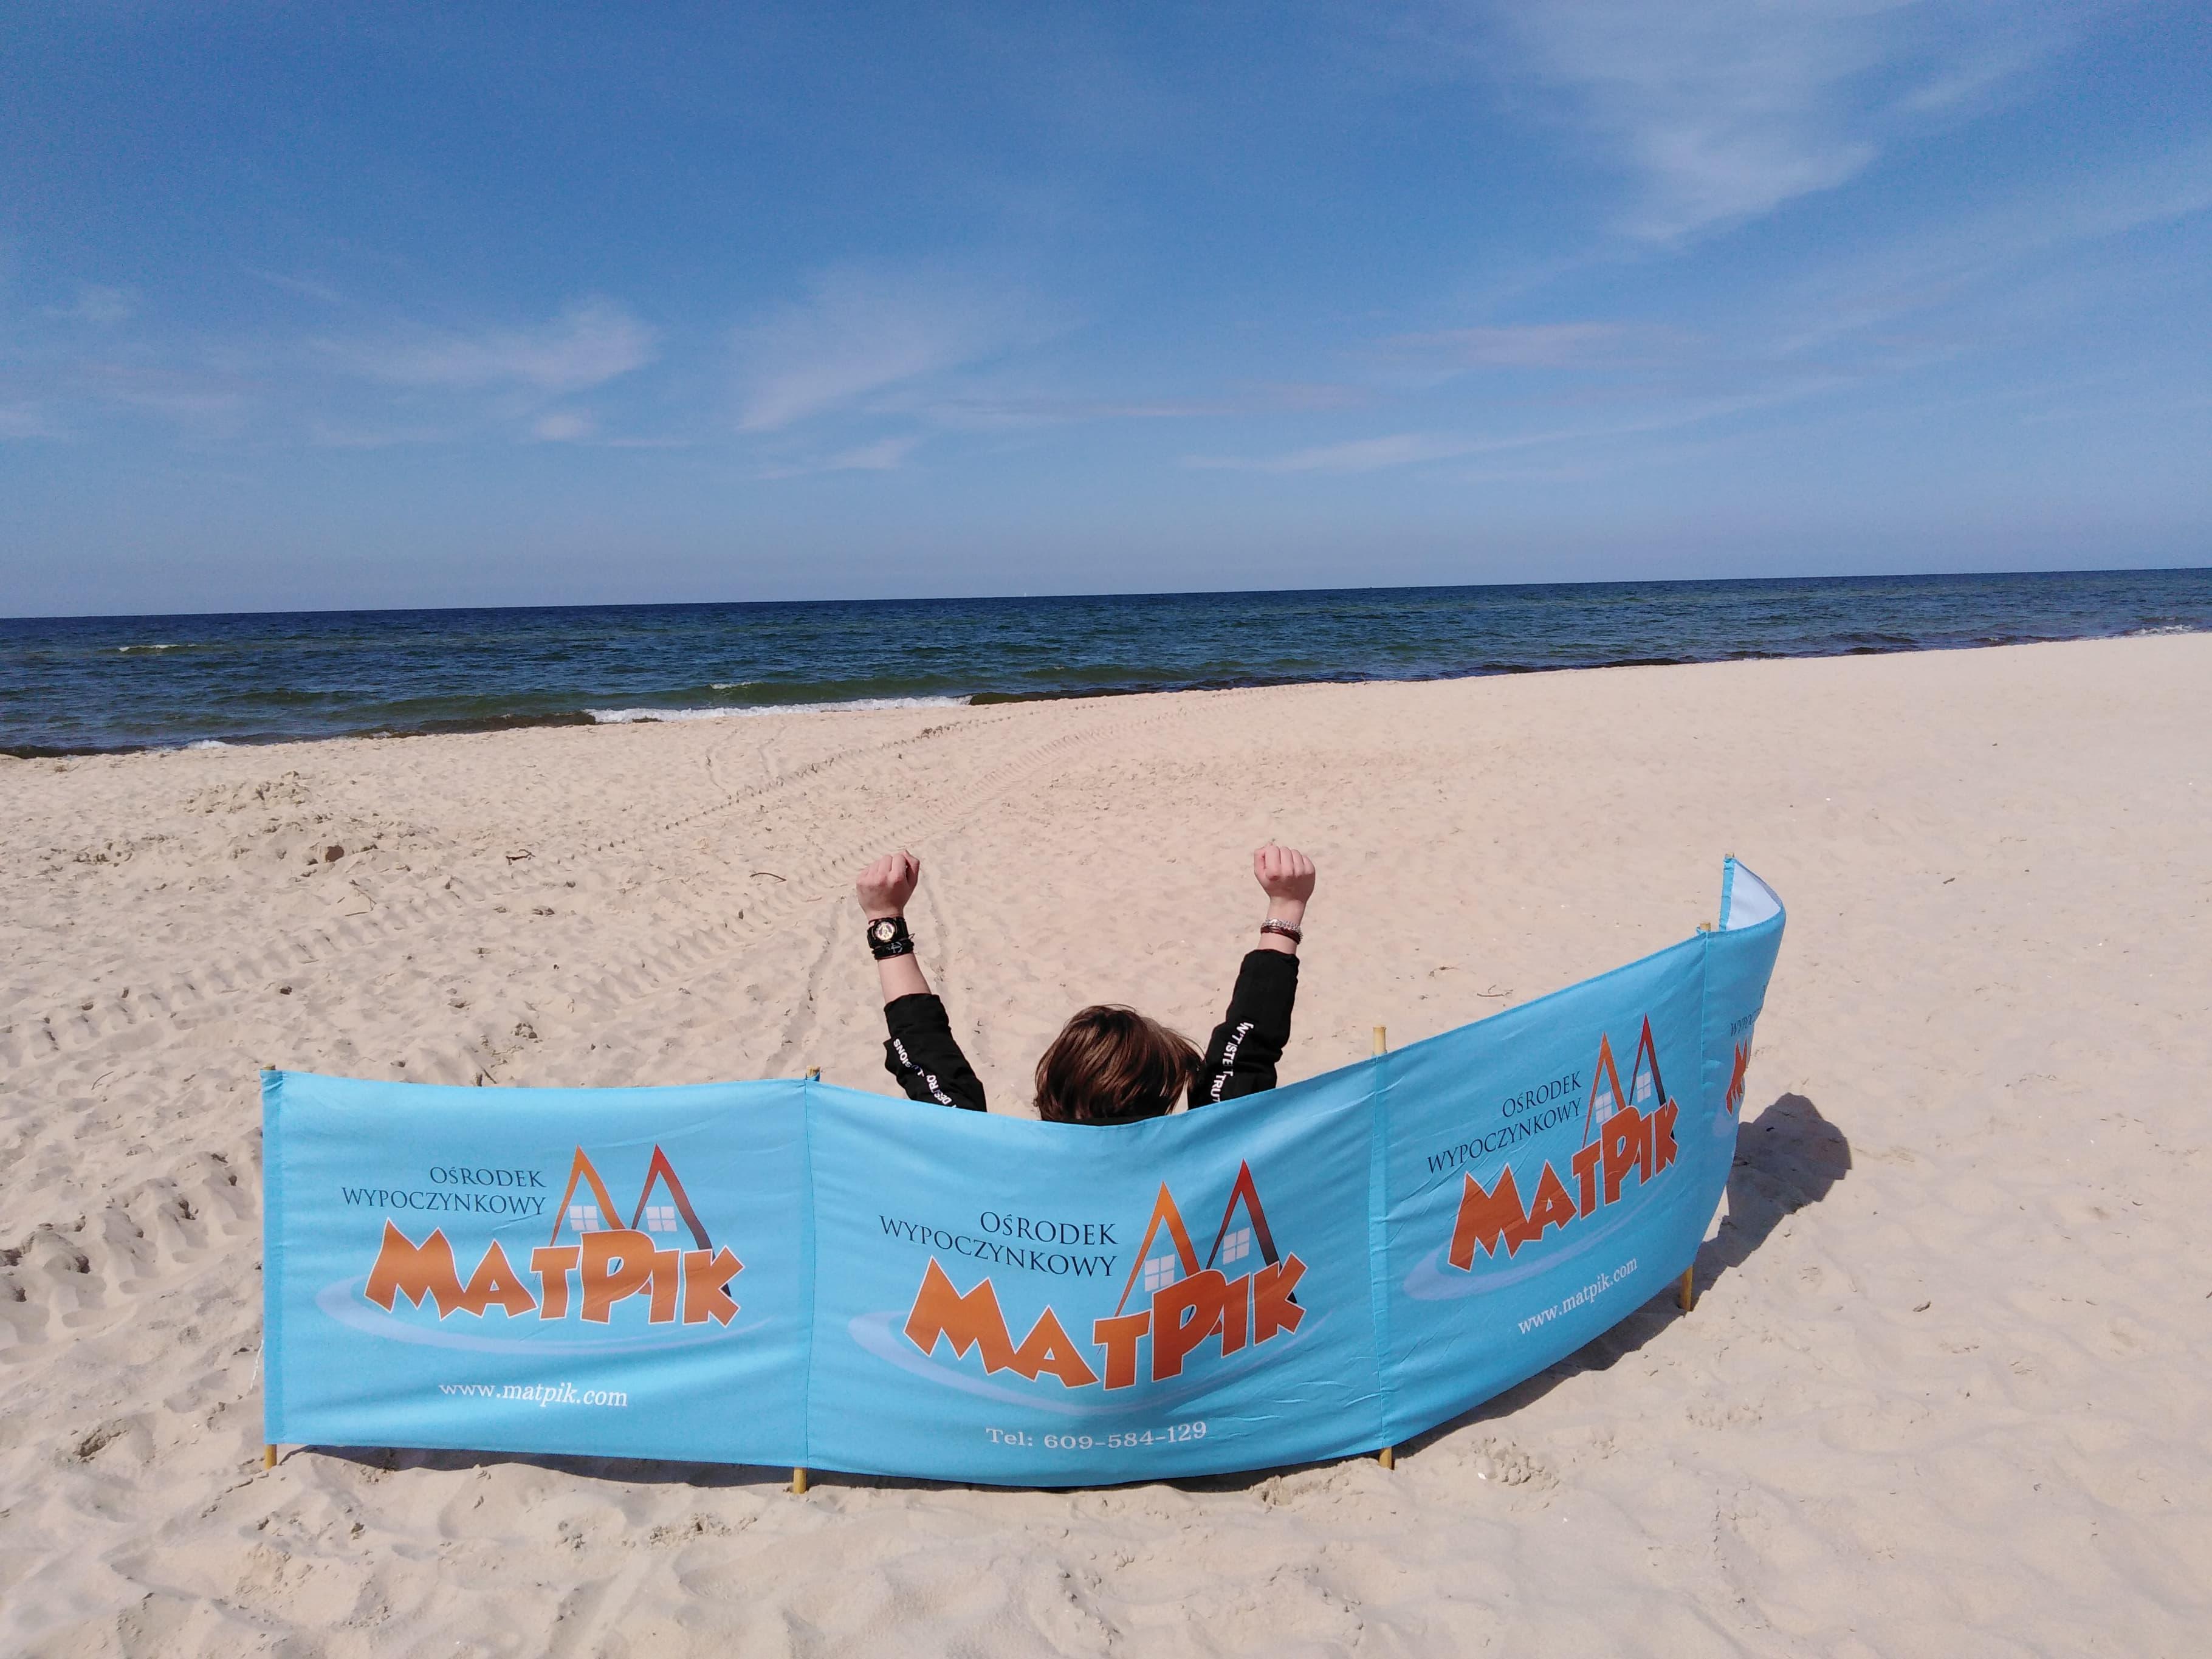 Plaża w Międzyzdrojach z rozłożonym parawanem OW Matpik